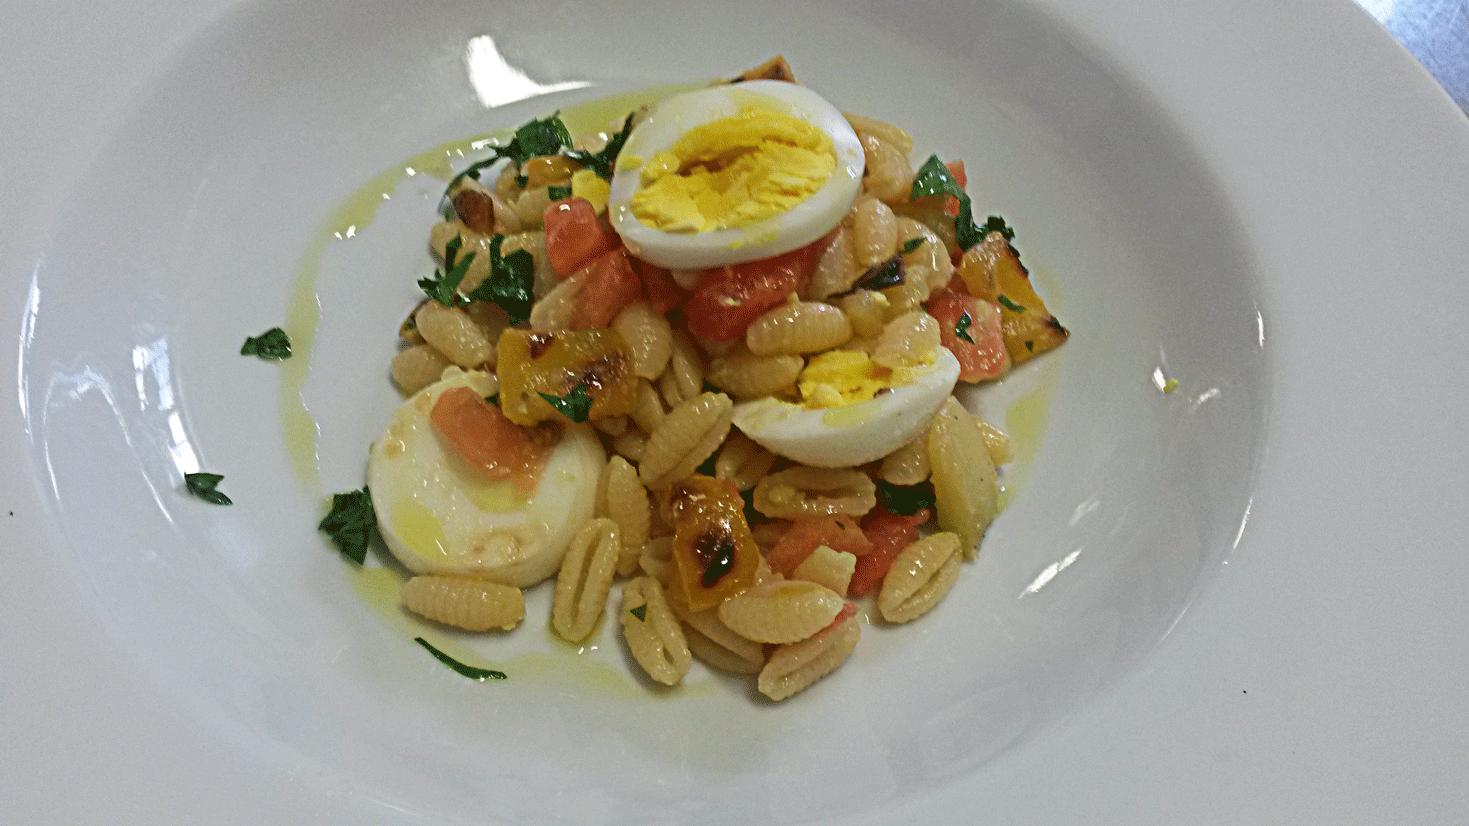 Maloreddus Salad